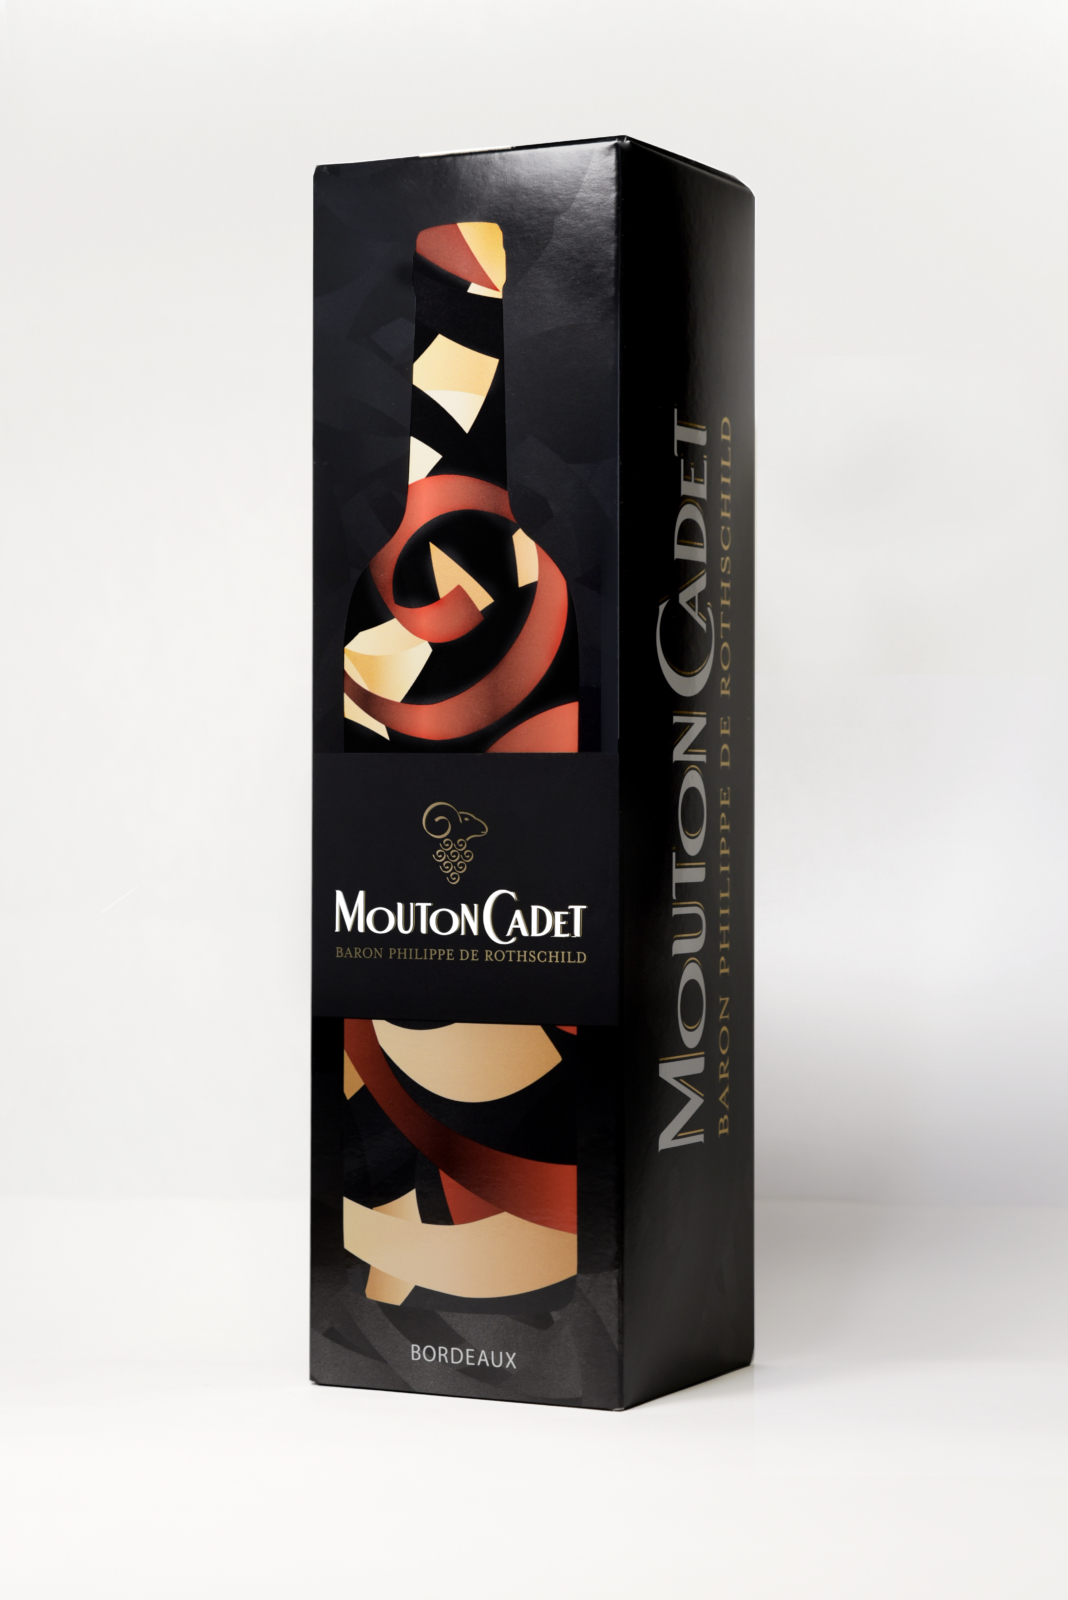 MOUTON CADET - Un design pensé par l'agence de design de Paris Partisan du Sens.